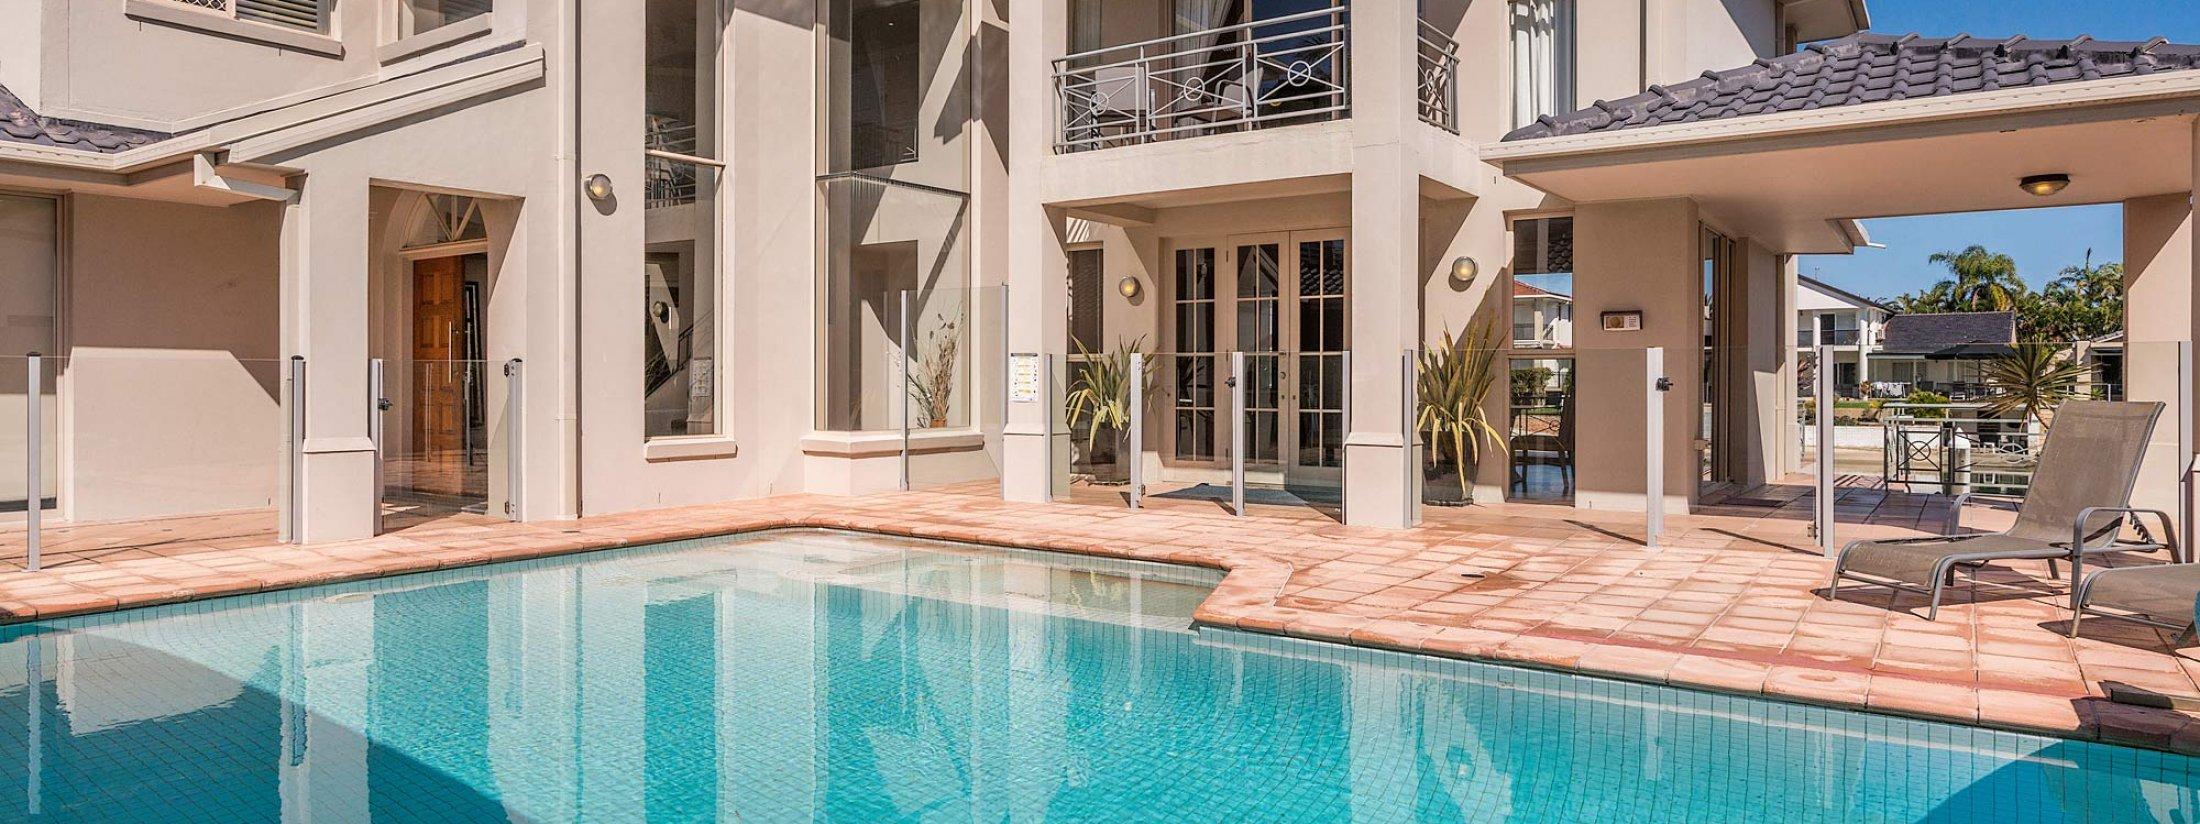 Casa Aqua - Gold Coast - Outdoor Pool Area b